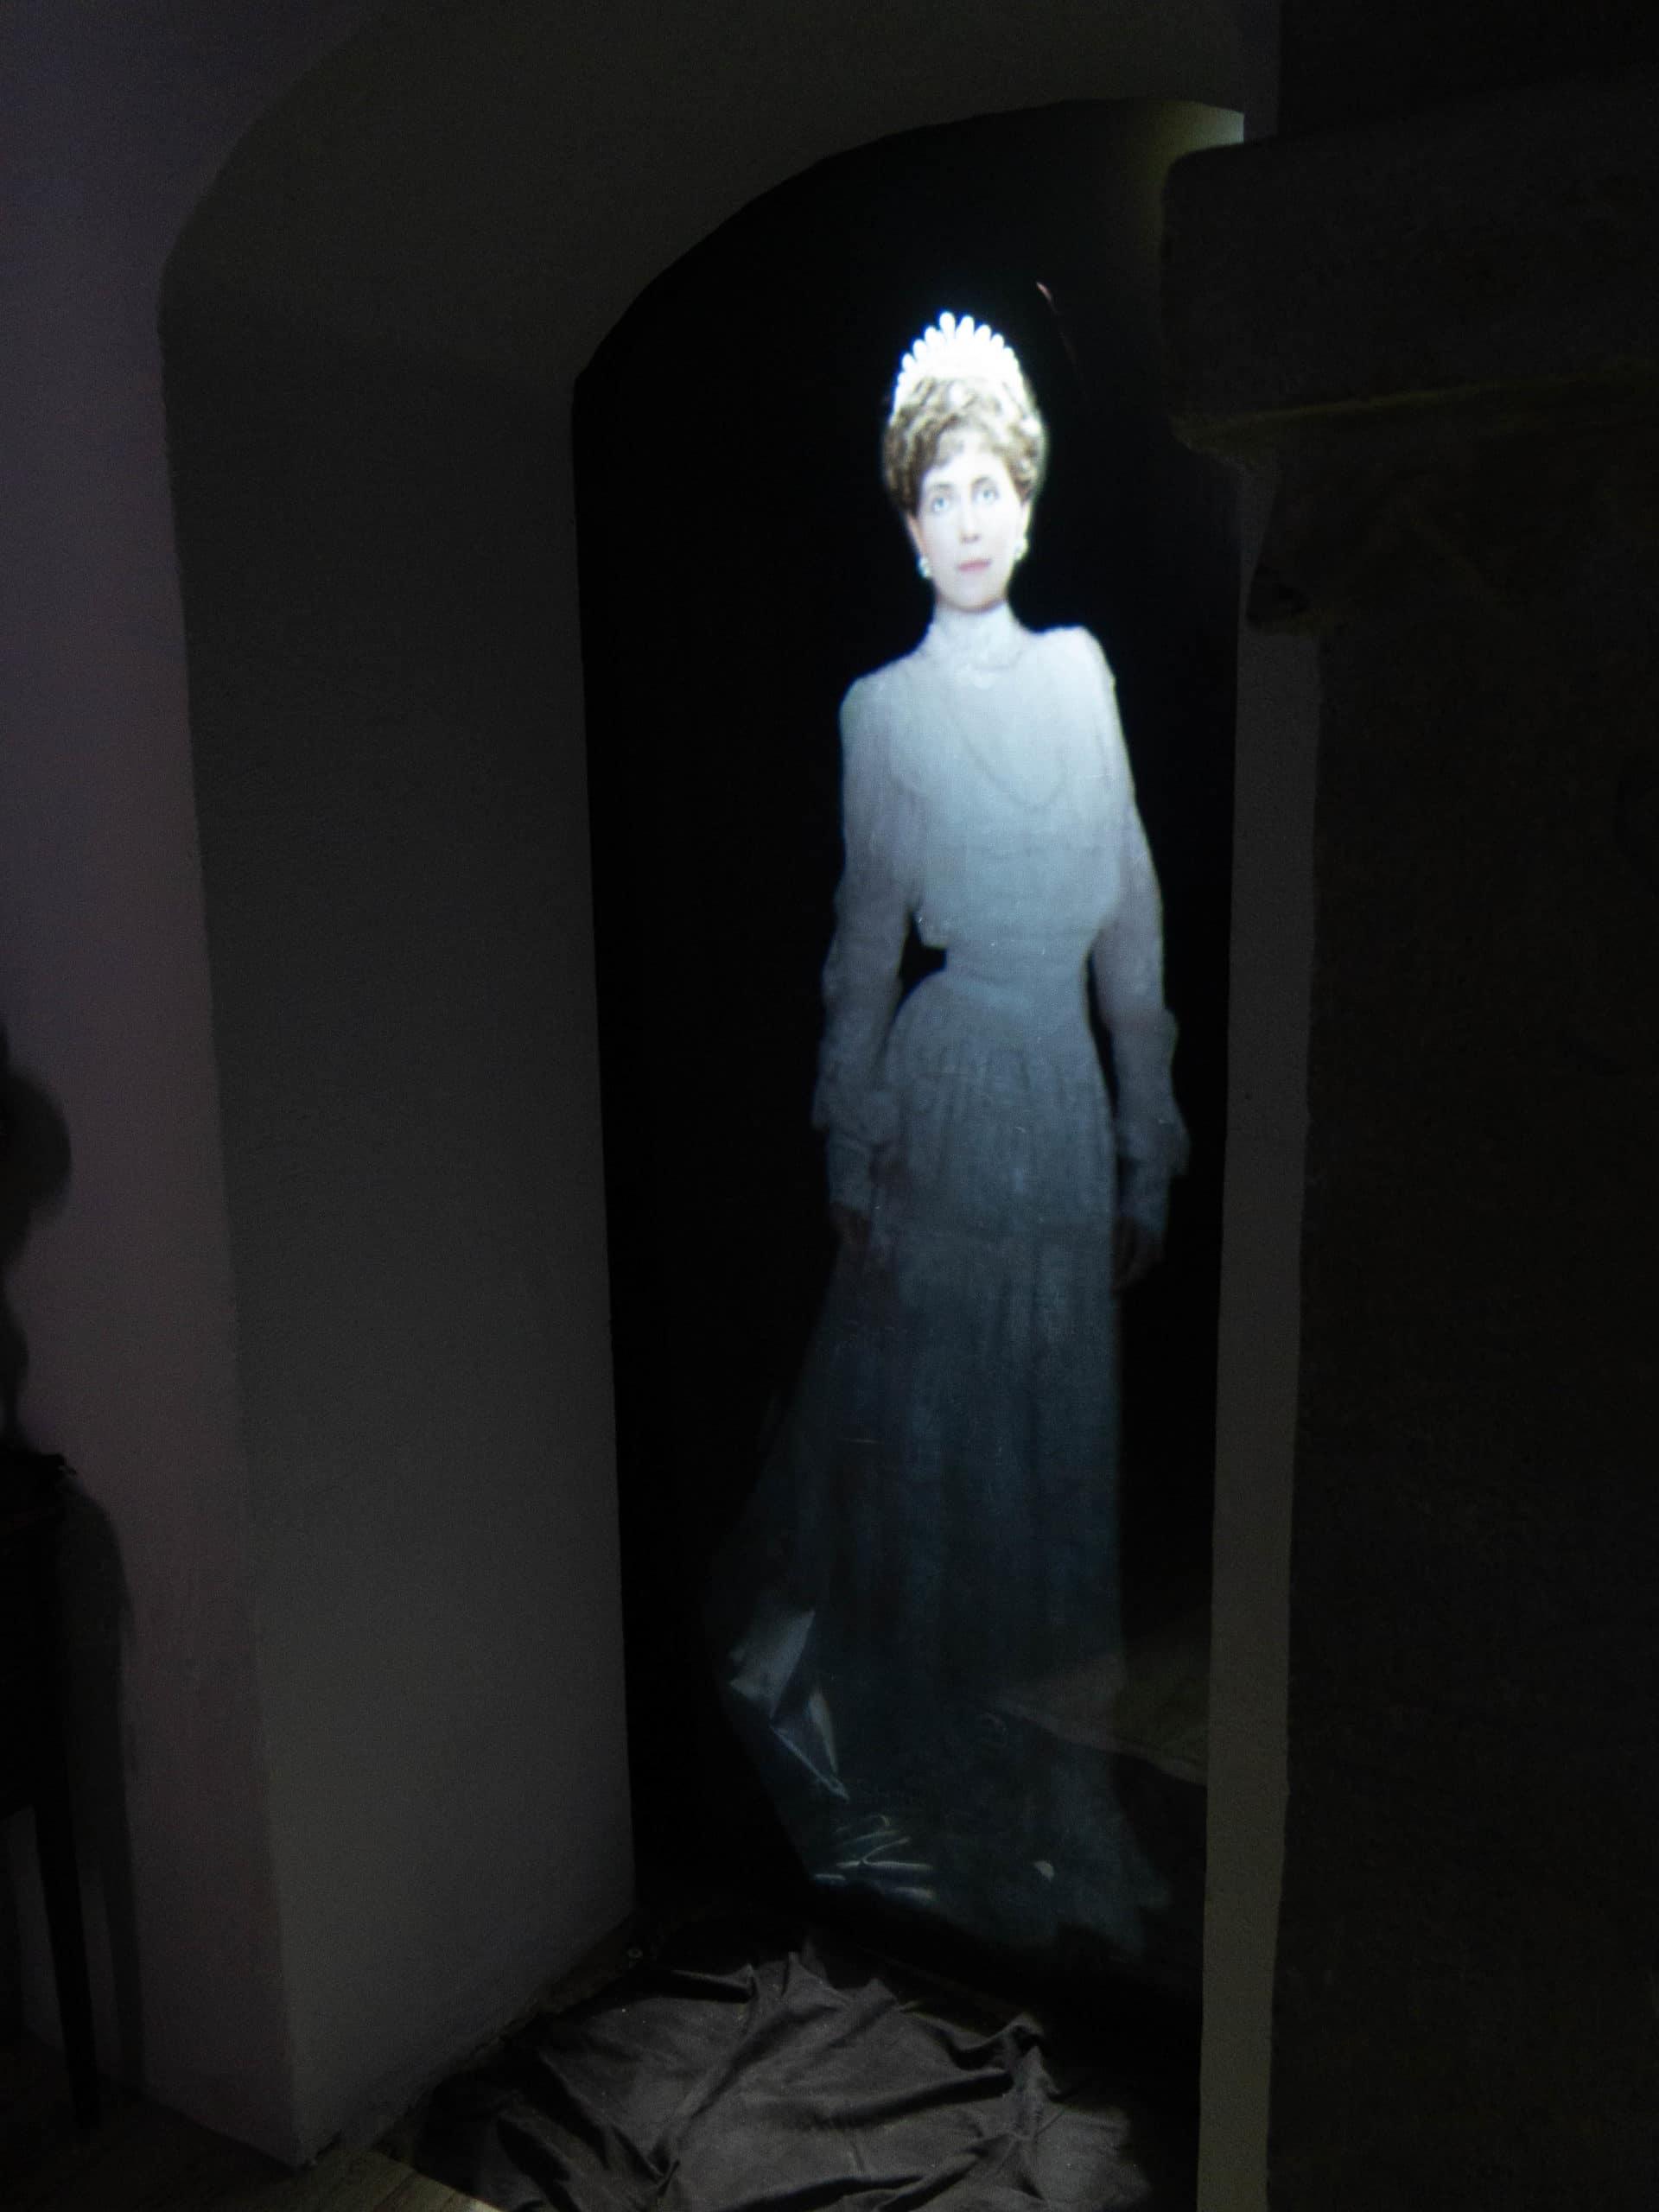 Königin Maria von Rumänien Hologram